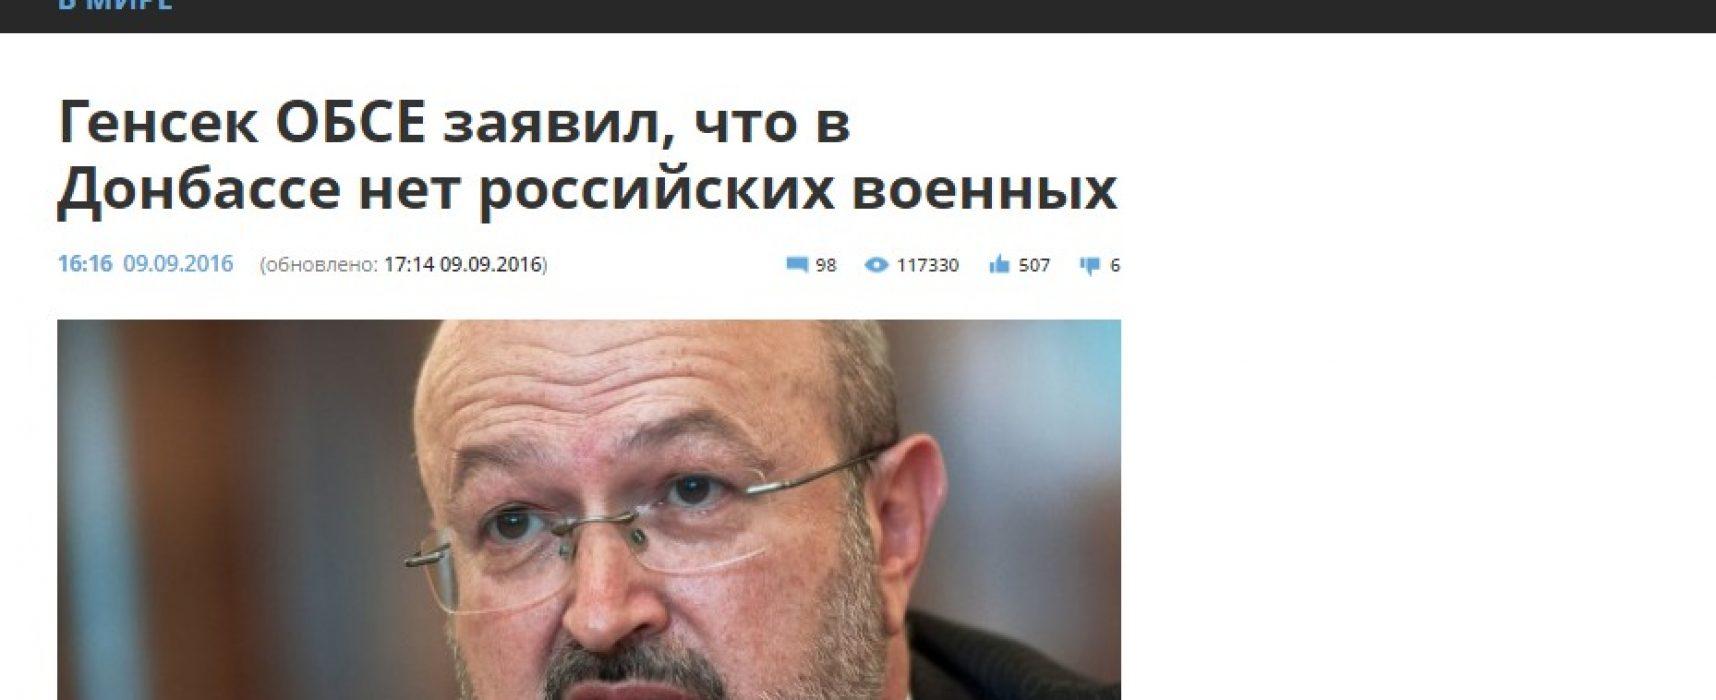 Фейк: ОССЕ потвърдило, че в Донбас няма руски военни